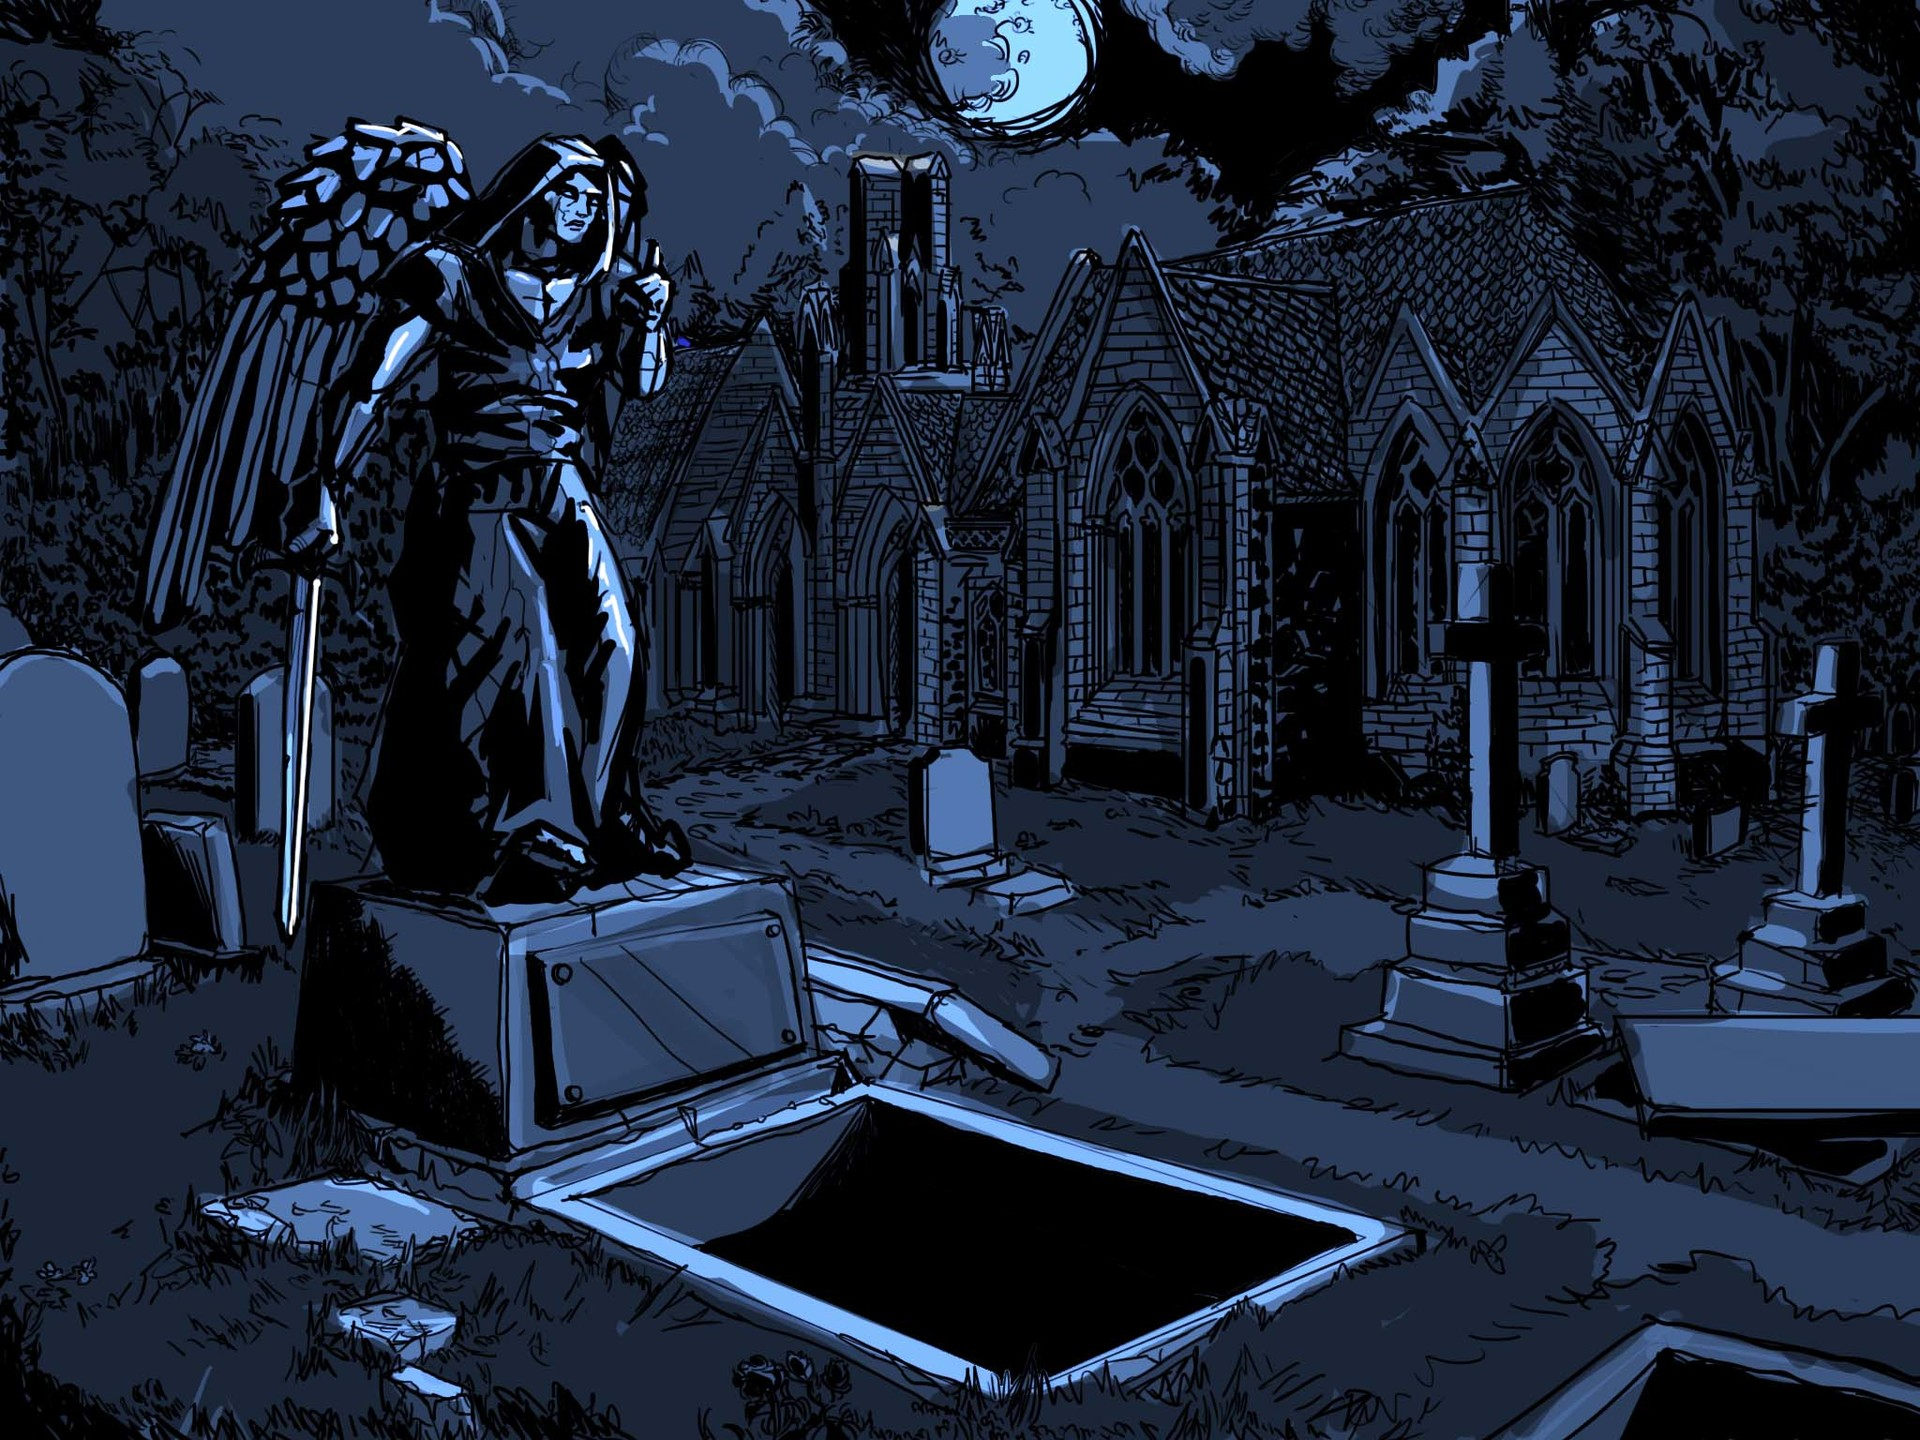 Juan miguel lopez barea cementerio